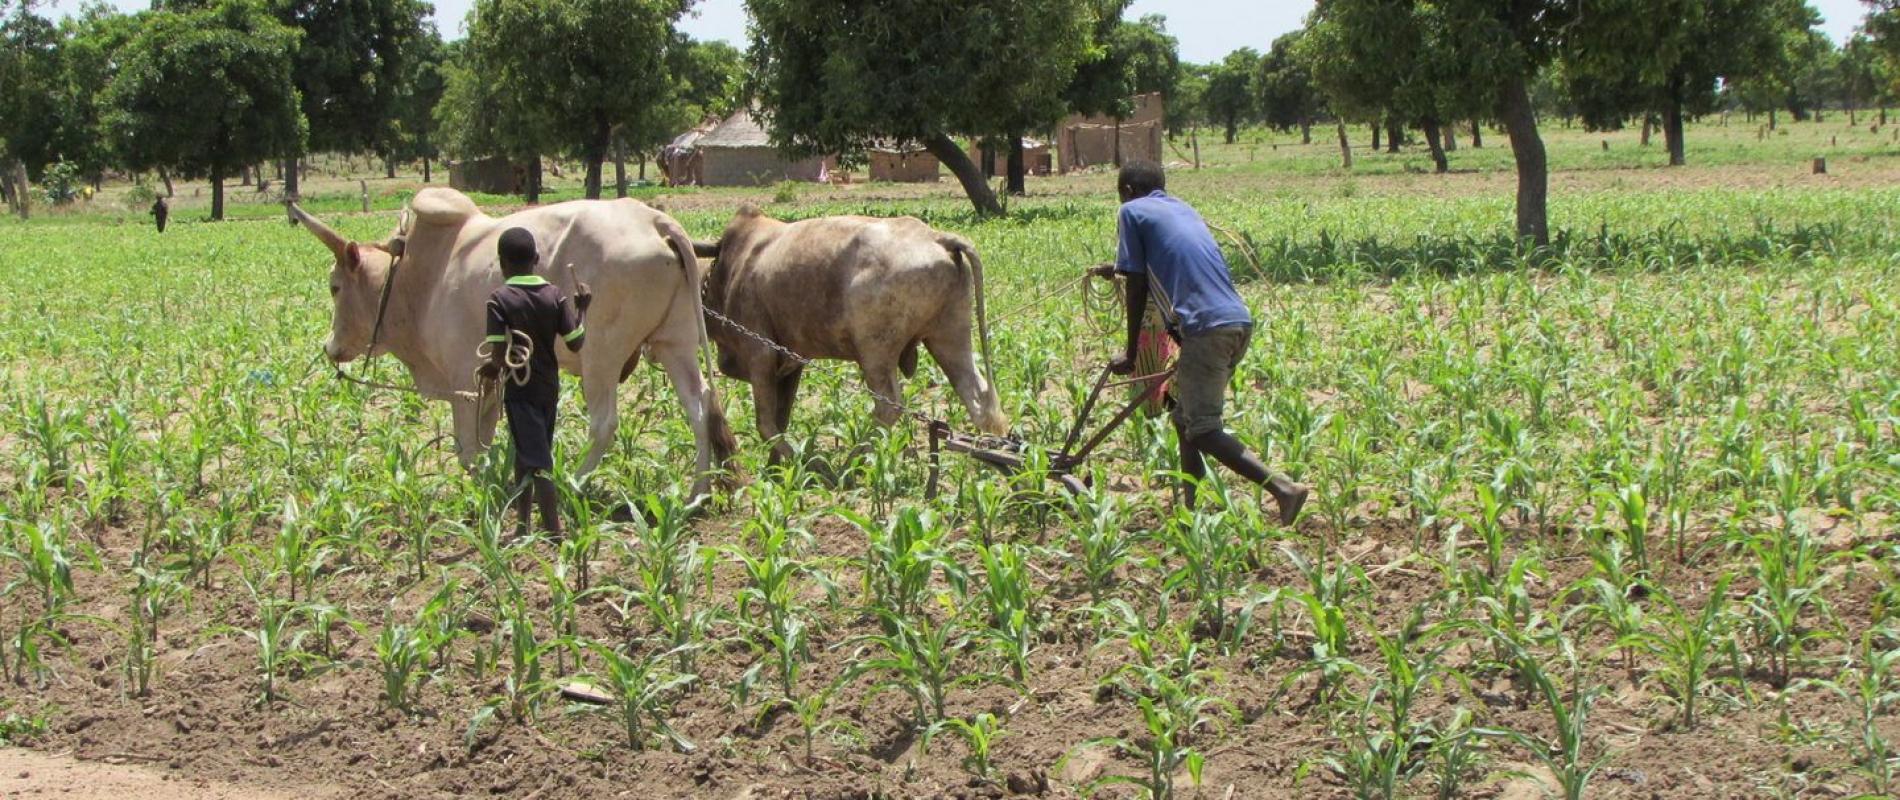 deze boer in Zino bewerkt de grond voordat hij de mais bemest